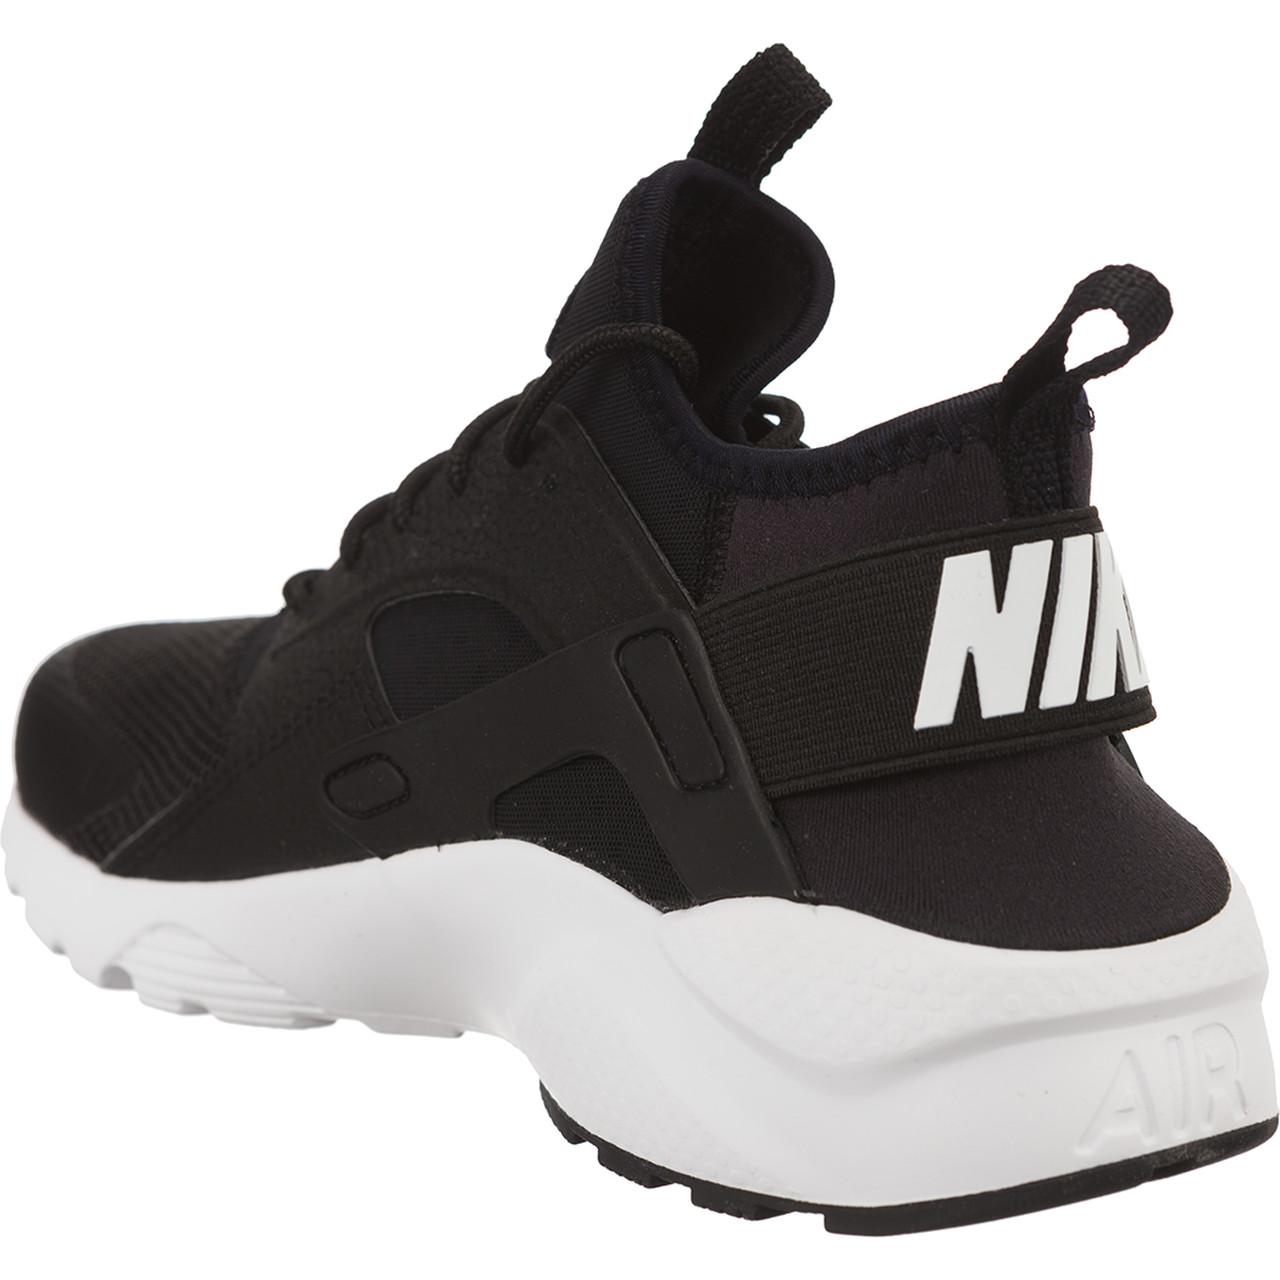 brand new 995af 2ea3c ... Buty Nike Air Huarache Run Ultra GS 002(847569-002).